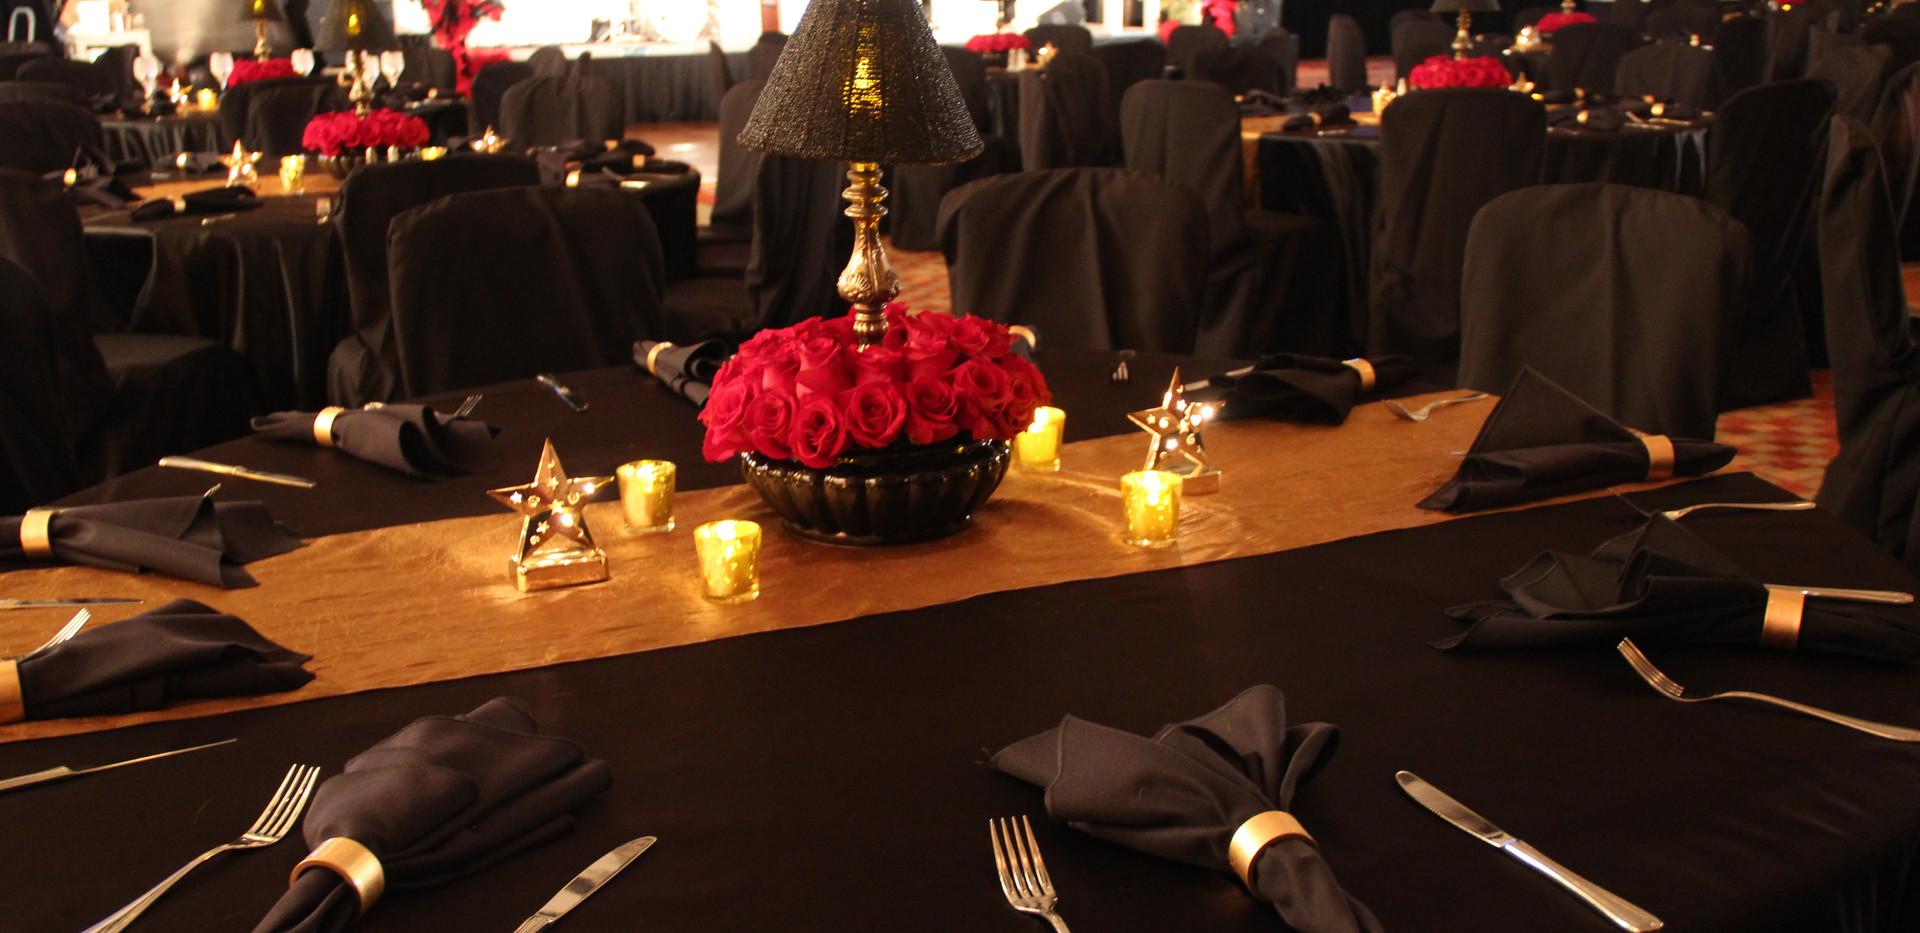 Cabaret lamp with full rose center.JPG